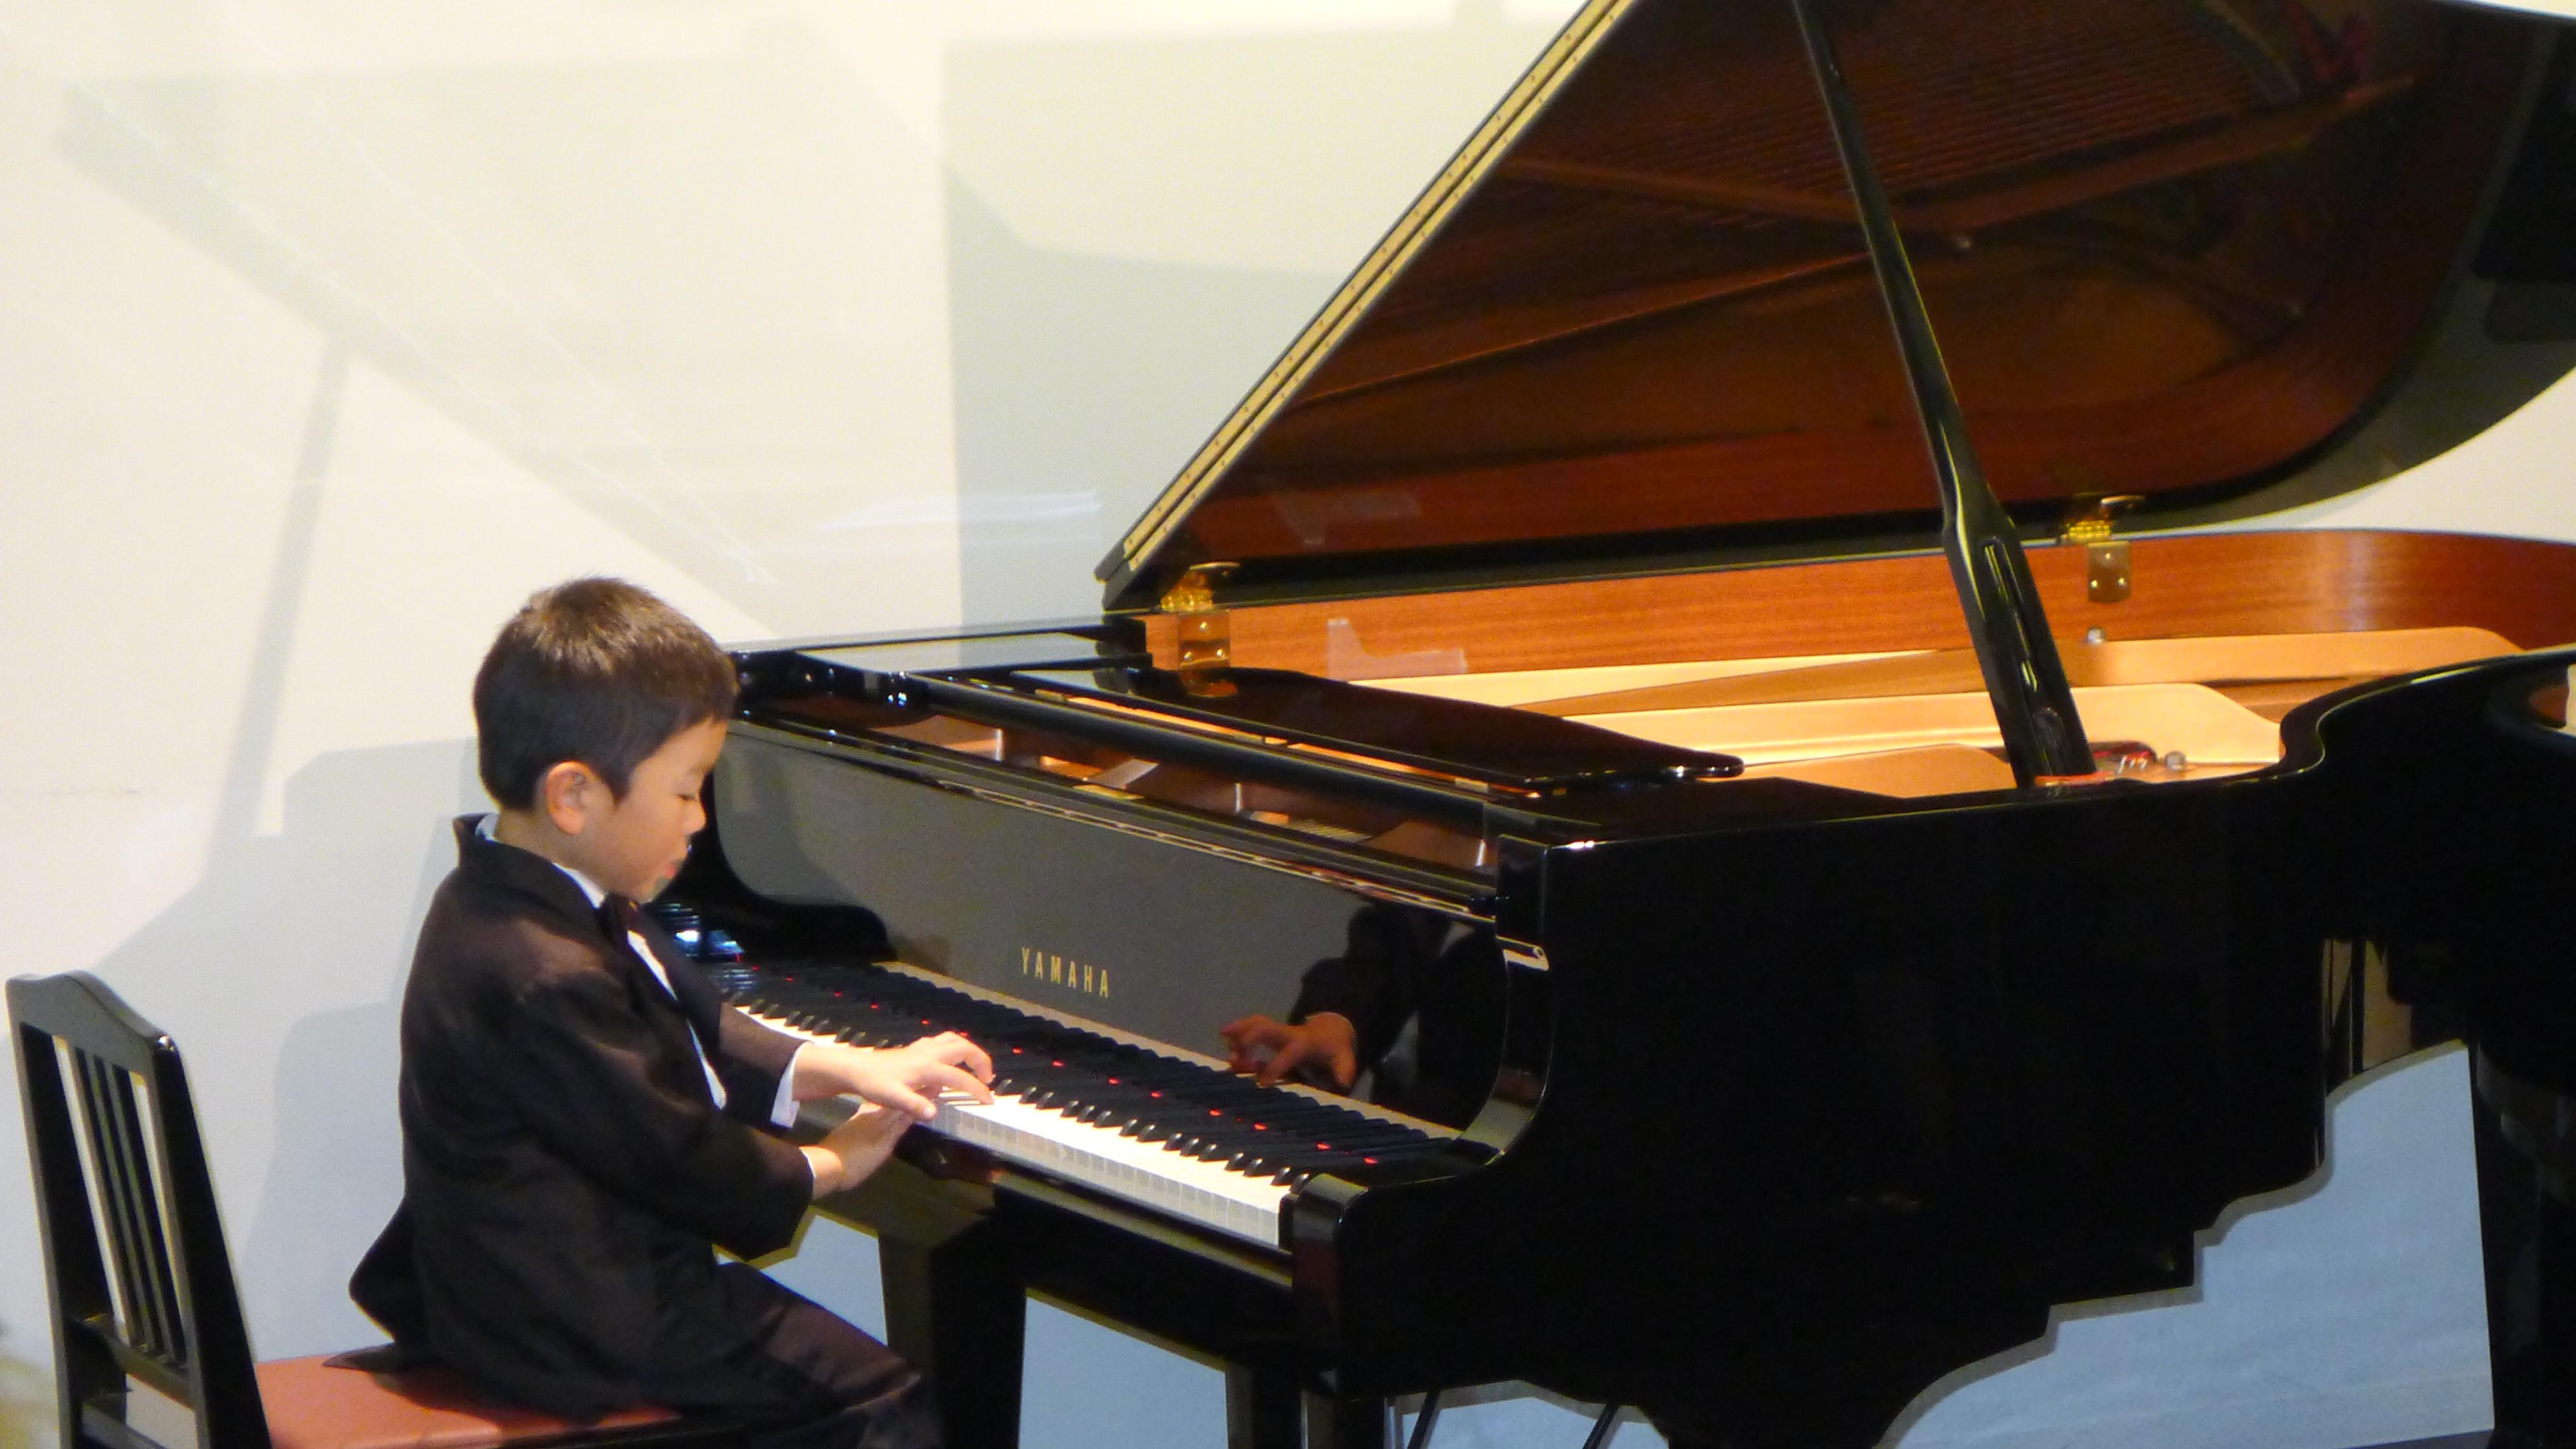 仙台市泉区北中山のピアノ教室 ピアノコンサートK